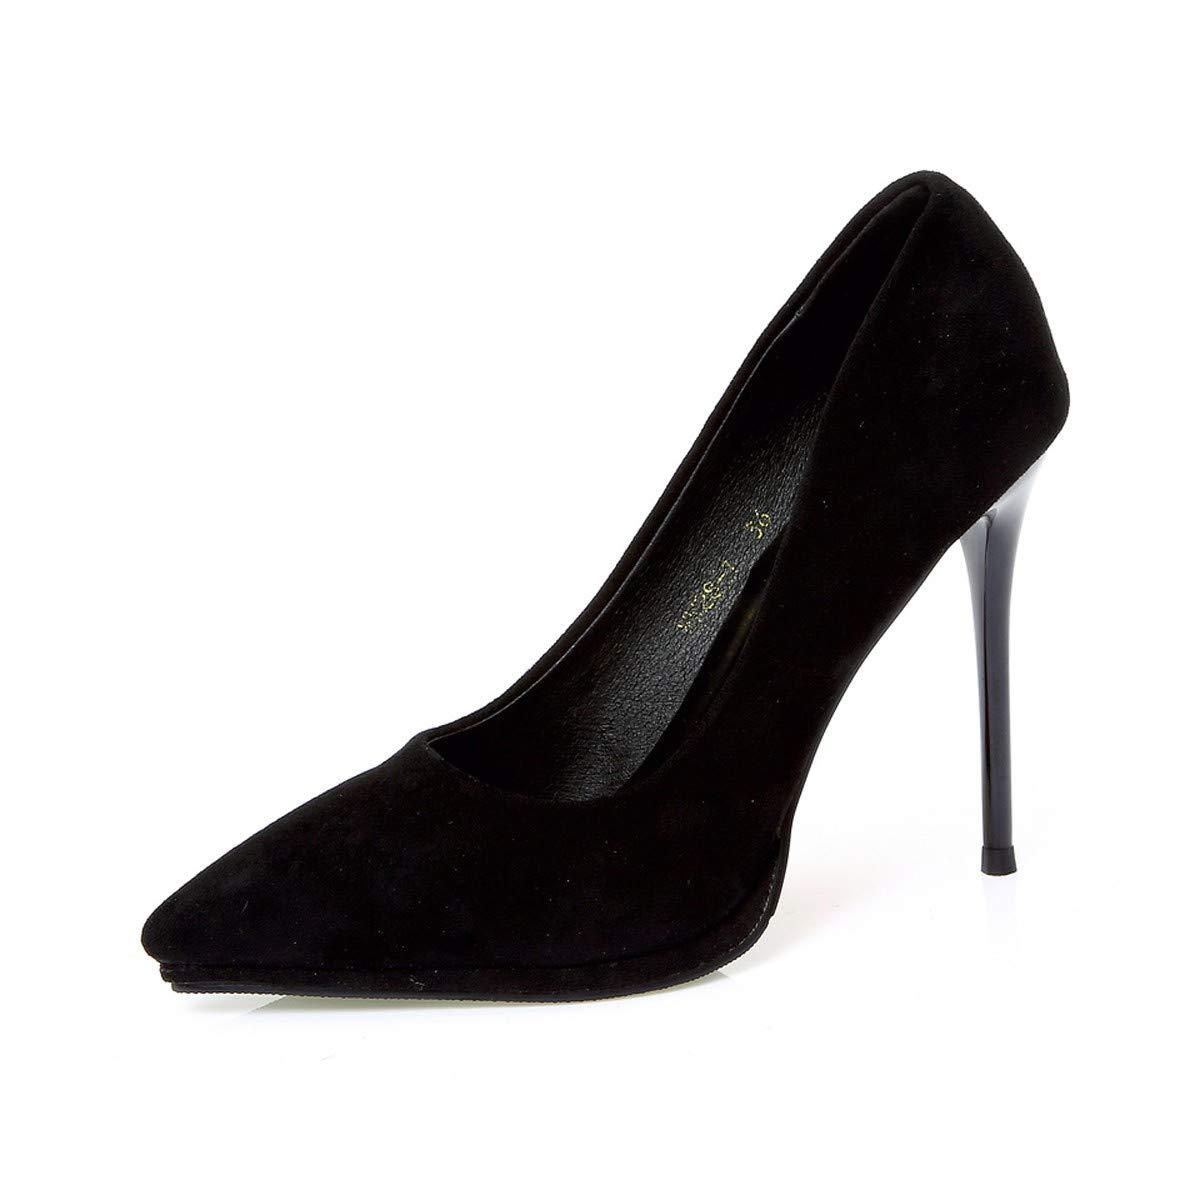 LBTSQ-Einzelne Schuhe Dünne Sohle Sagte Schuhe Wildleder Wildleder Wildleder Flachen Mund 10Cm Wasserdicht High-Heel schuhe Temperament. 44b63d